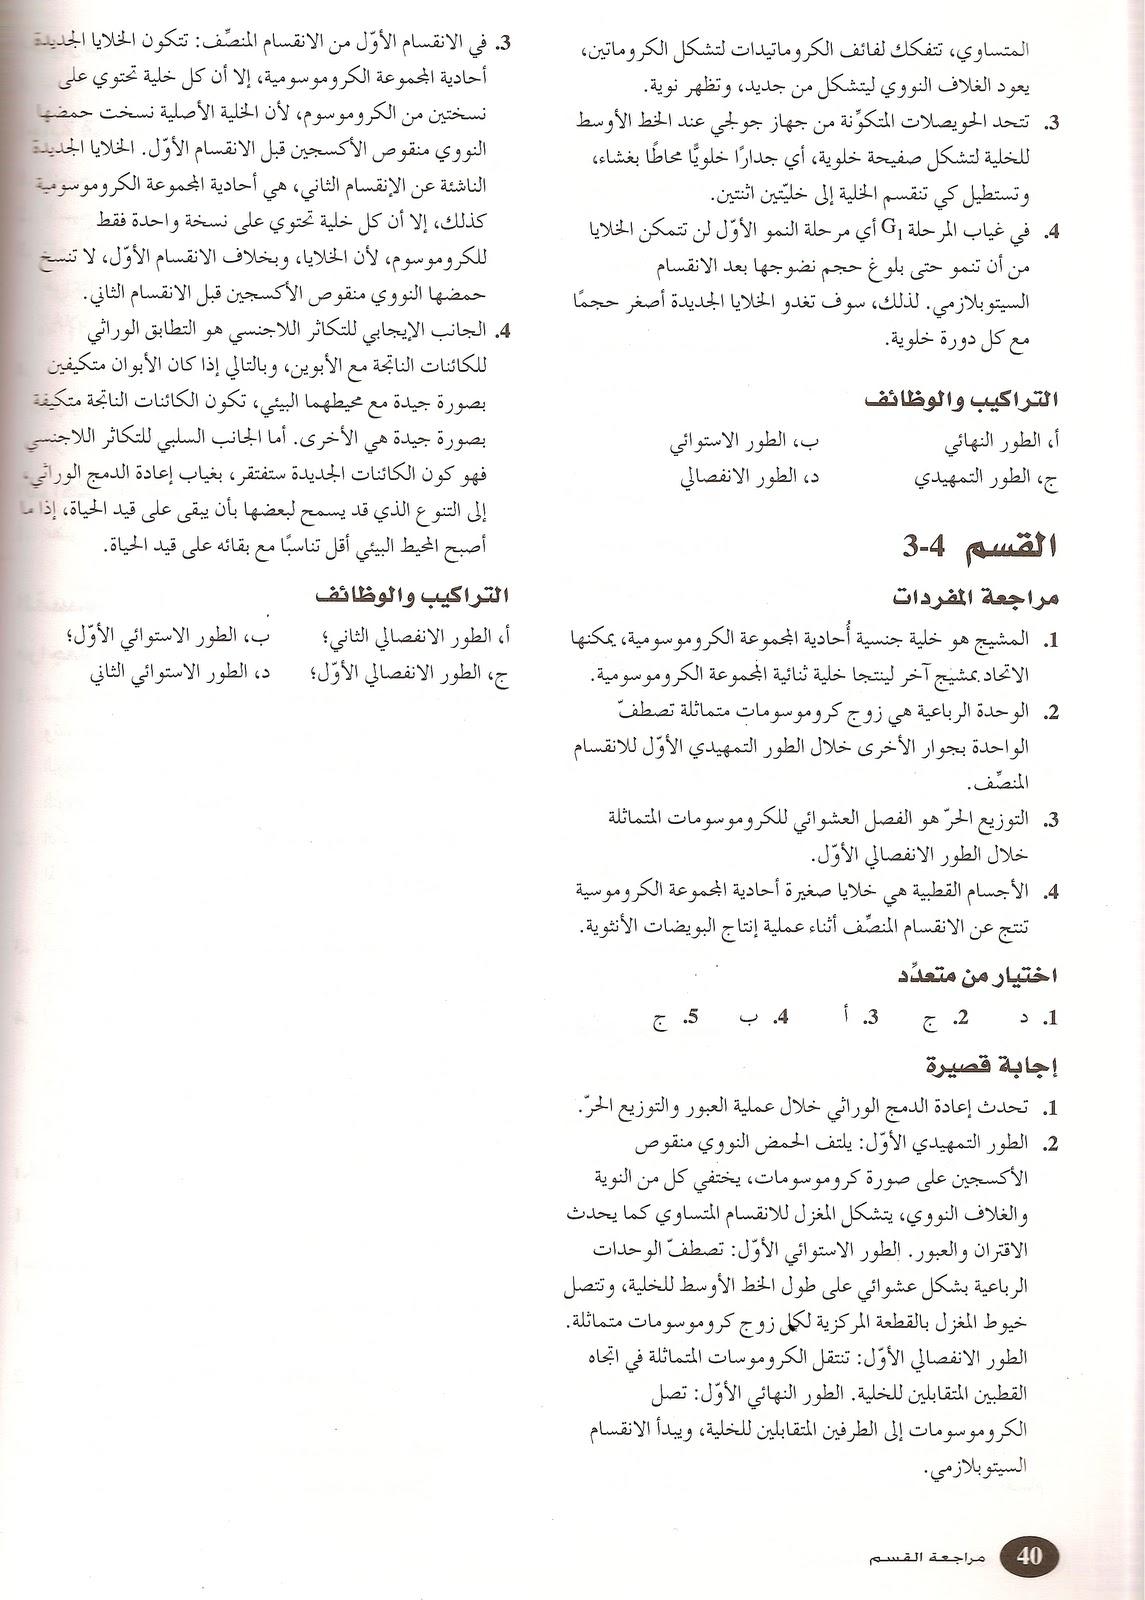 حل كتاب الاحياء للصف العاشر الفصل الاول